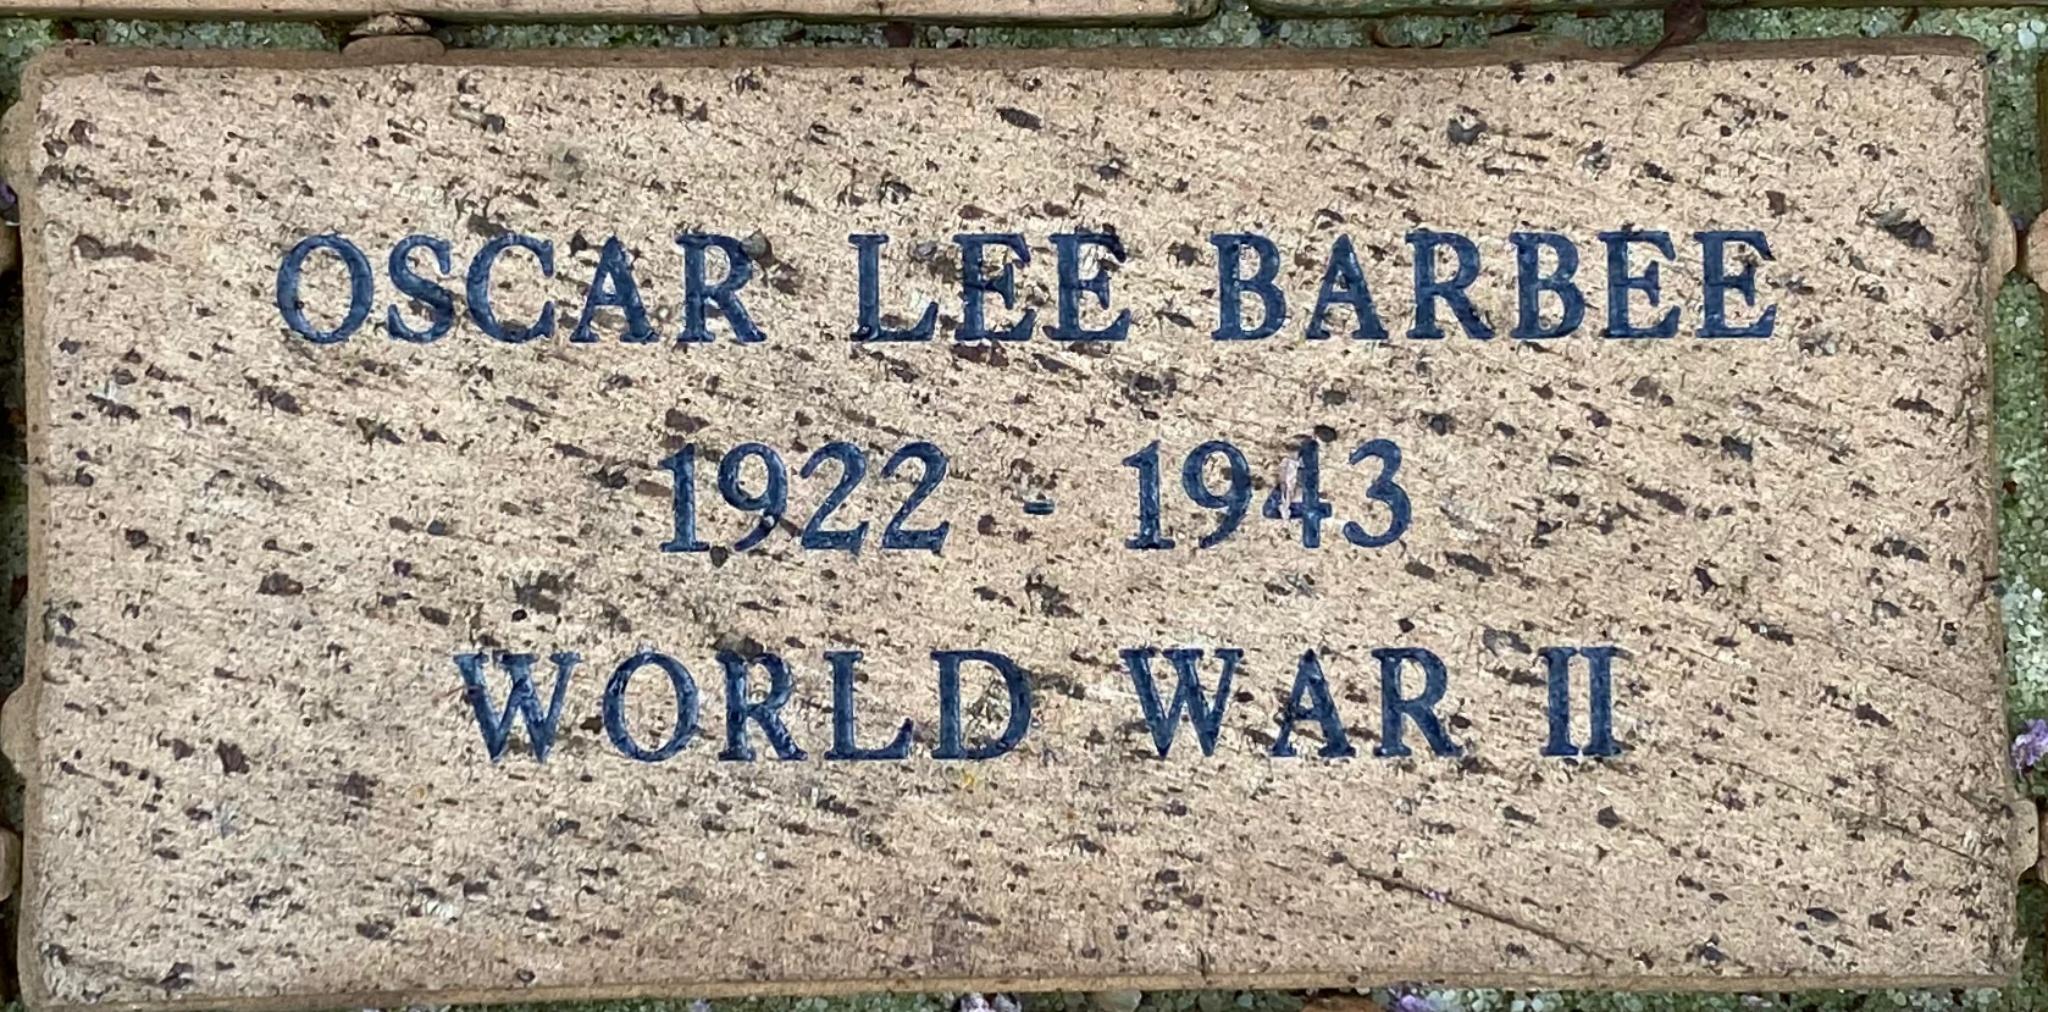 OSCAR LEE BARBEE 1922 – 1943 WORLD WAR II